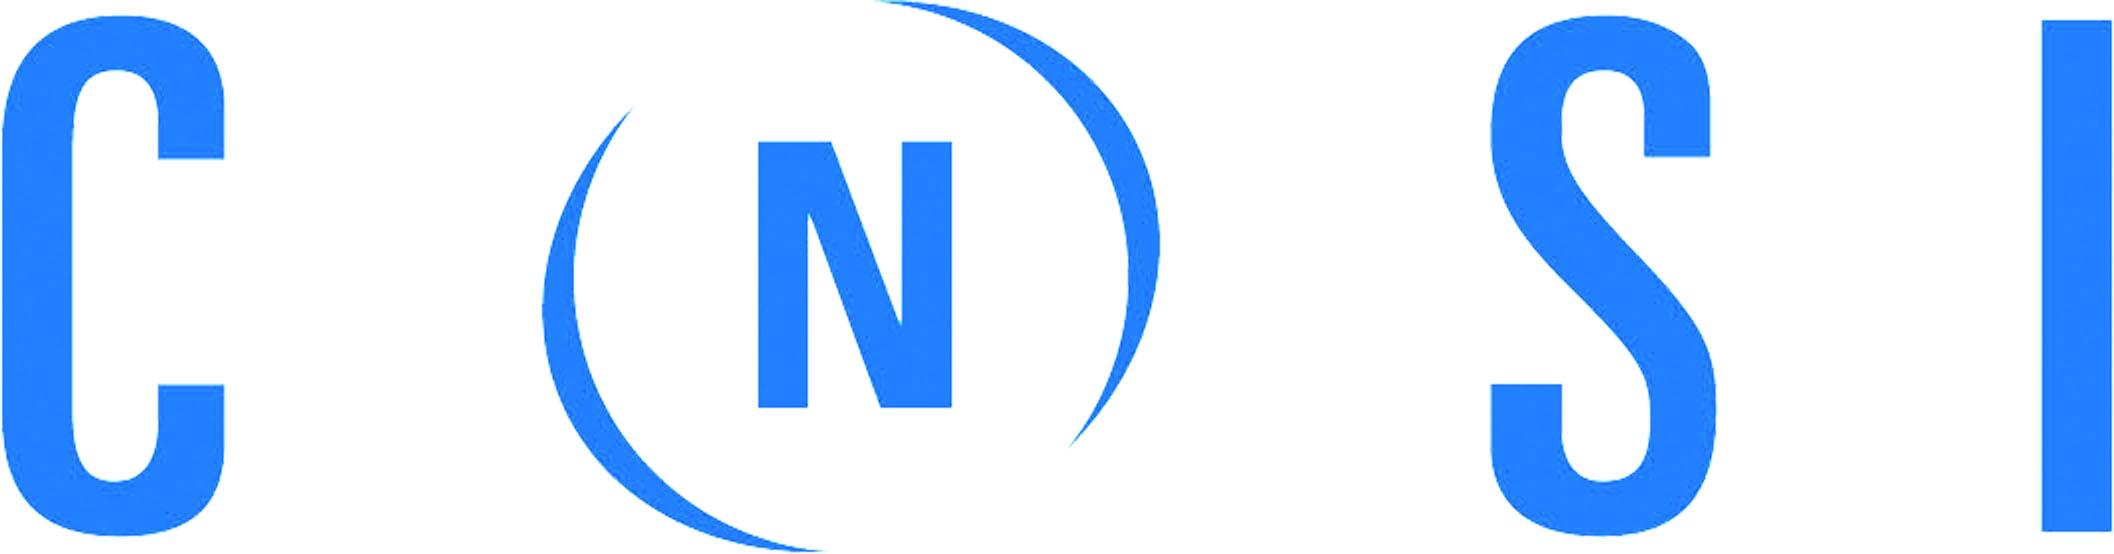 CNSI_High_res_no_background_no_txt.jpg